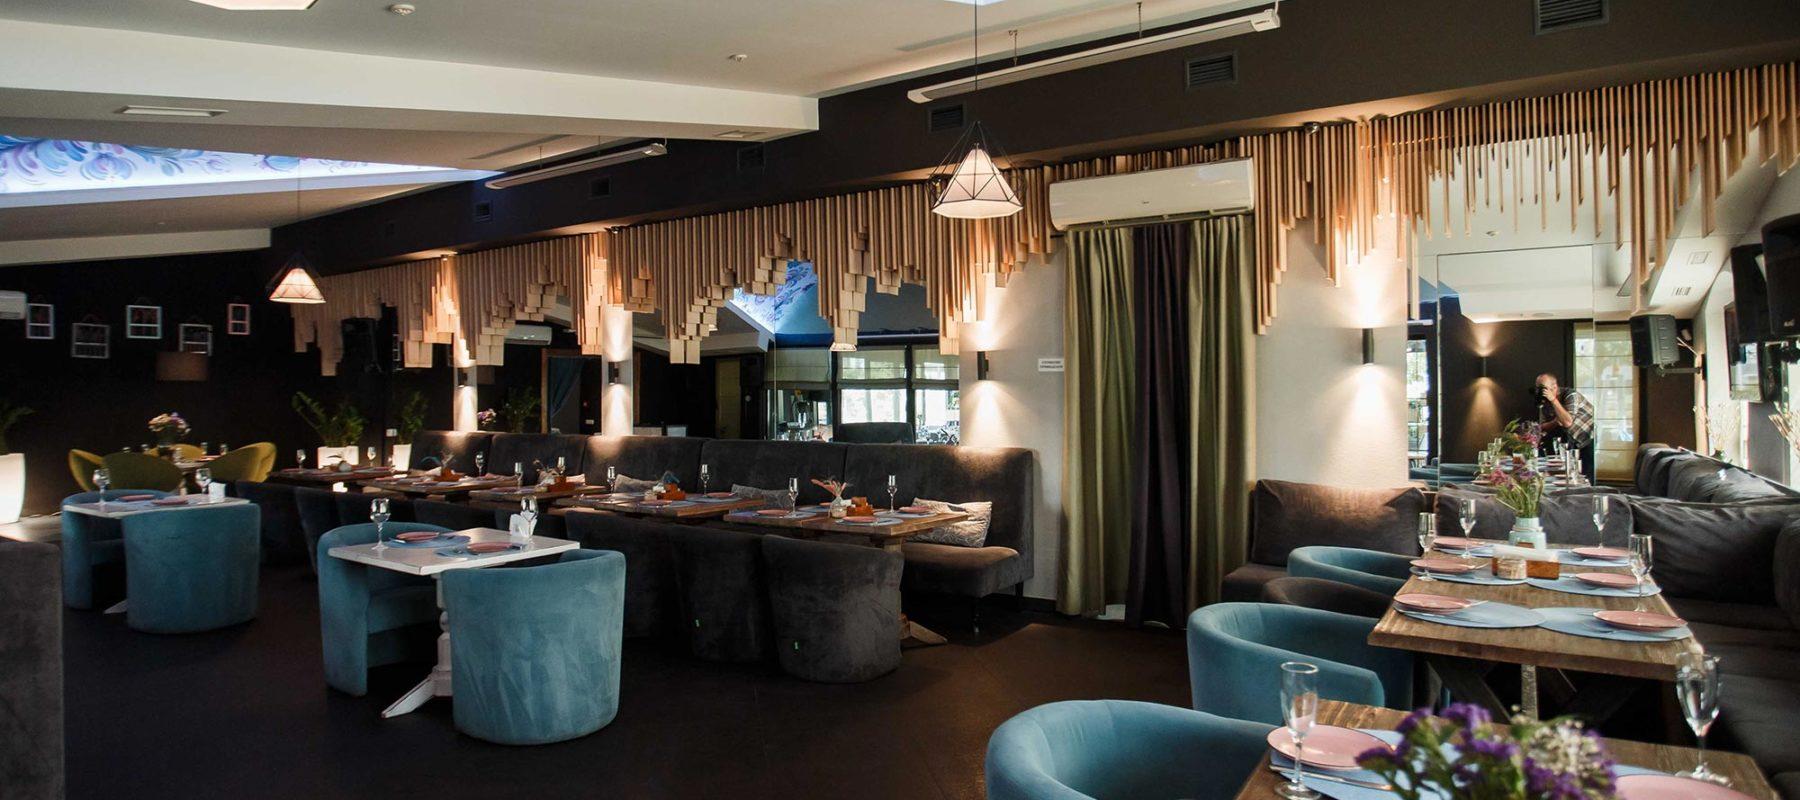 Prynada Ukrainian Cafe — воплощение всего самого вкусного, стильного и красивого, что есть в современной Украине.